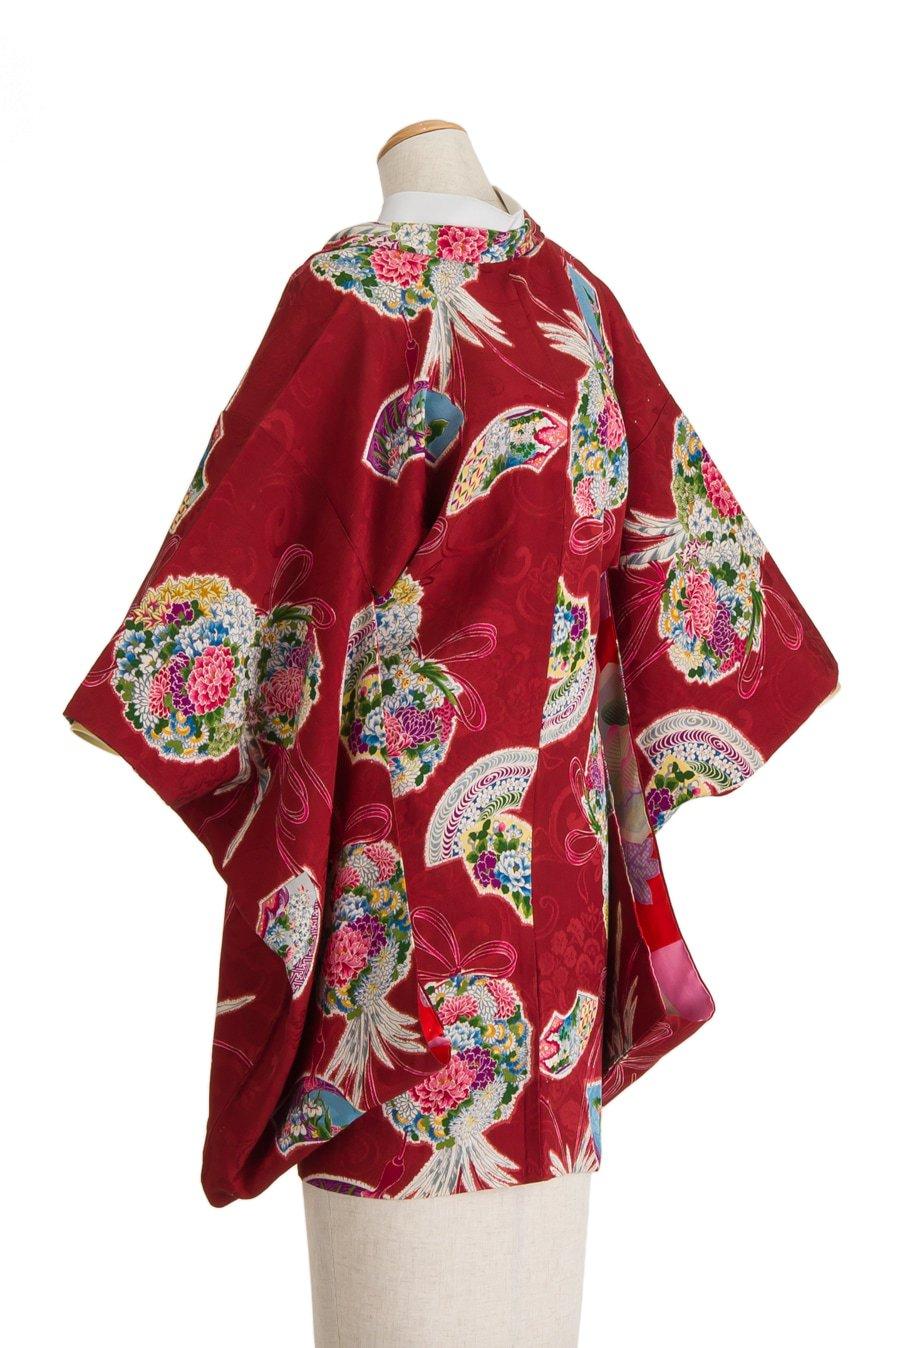 「アンティーク着物 羽織 花薬玉」の商品画像